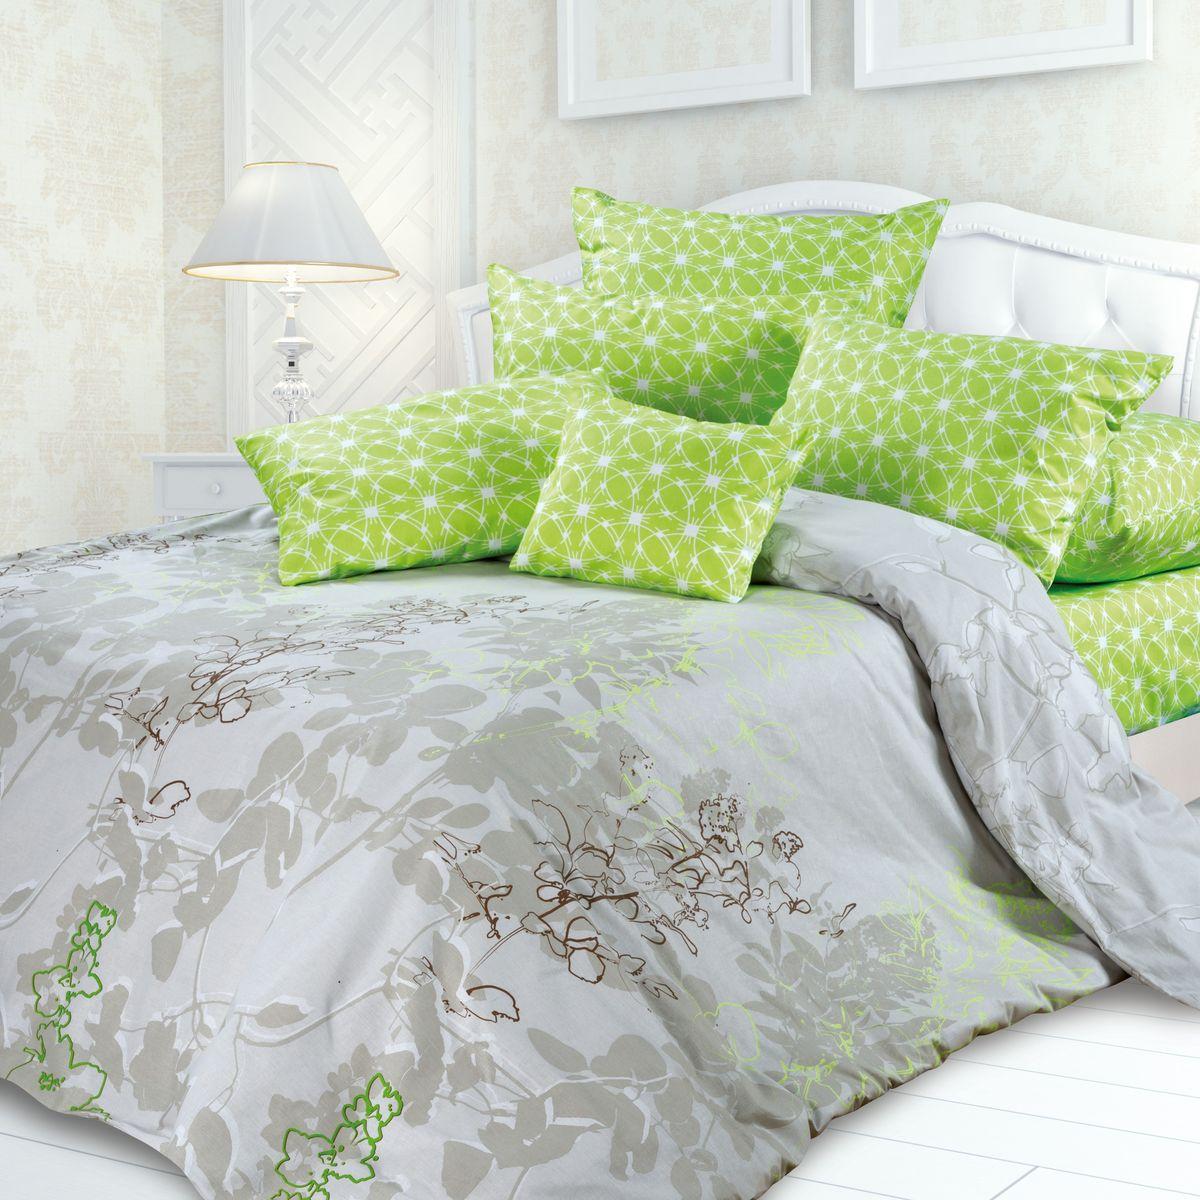 Комплект белья Унисон Милена, евро, наволочки 50 x 70, цвет: серый. 239711239711